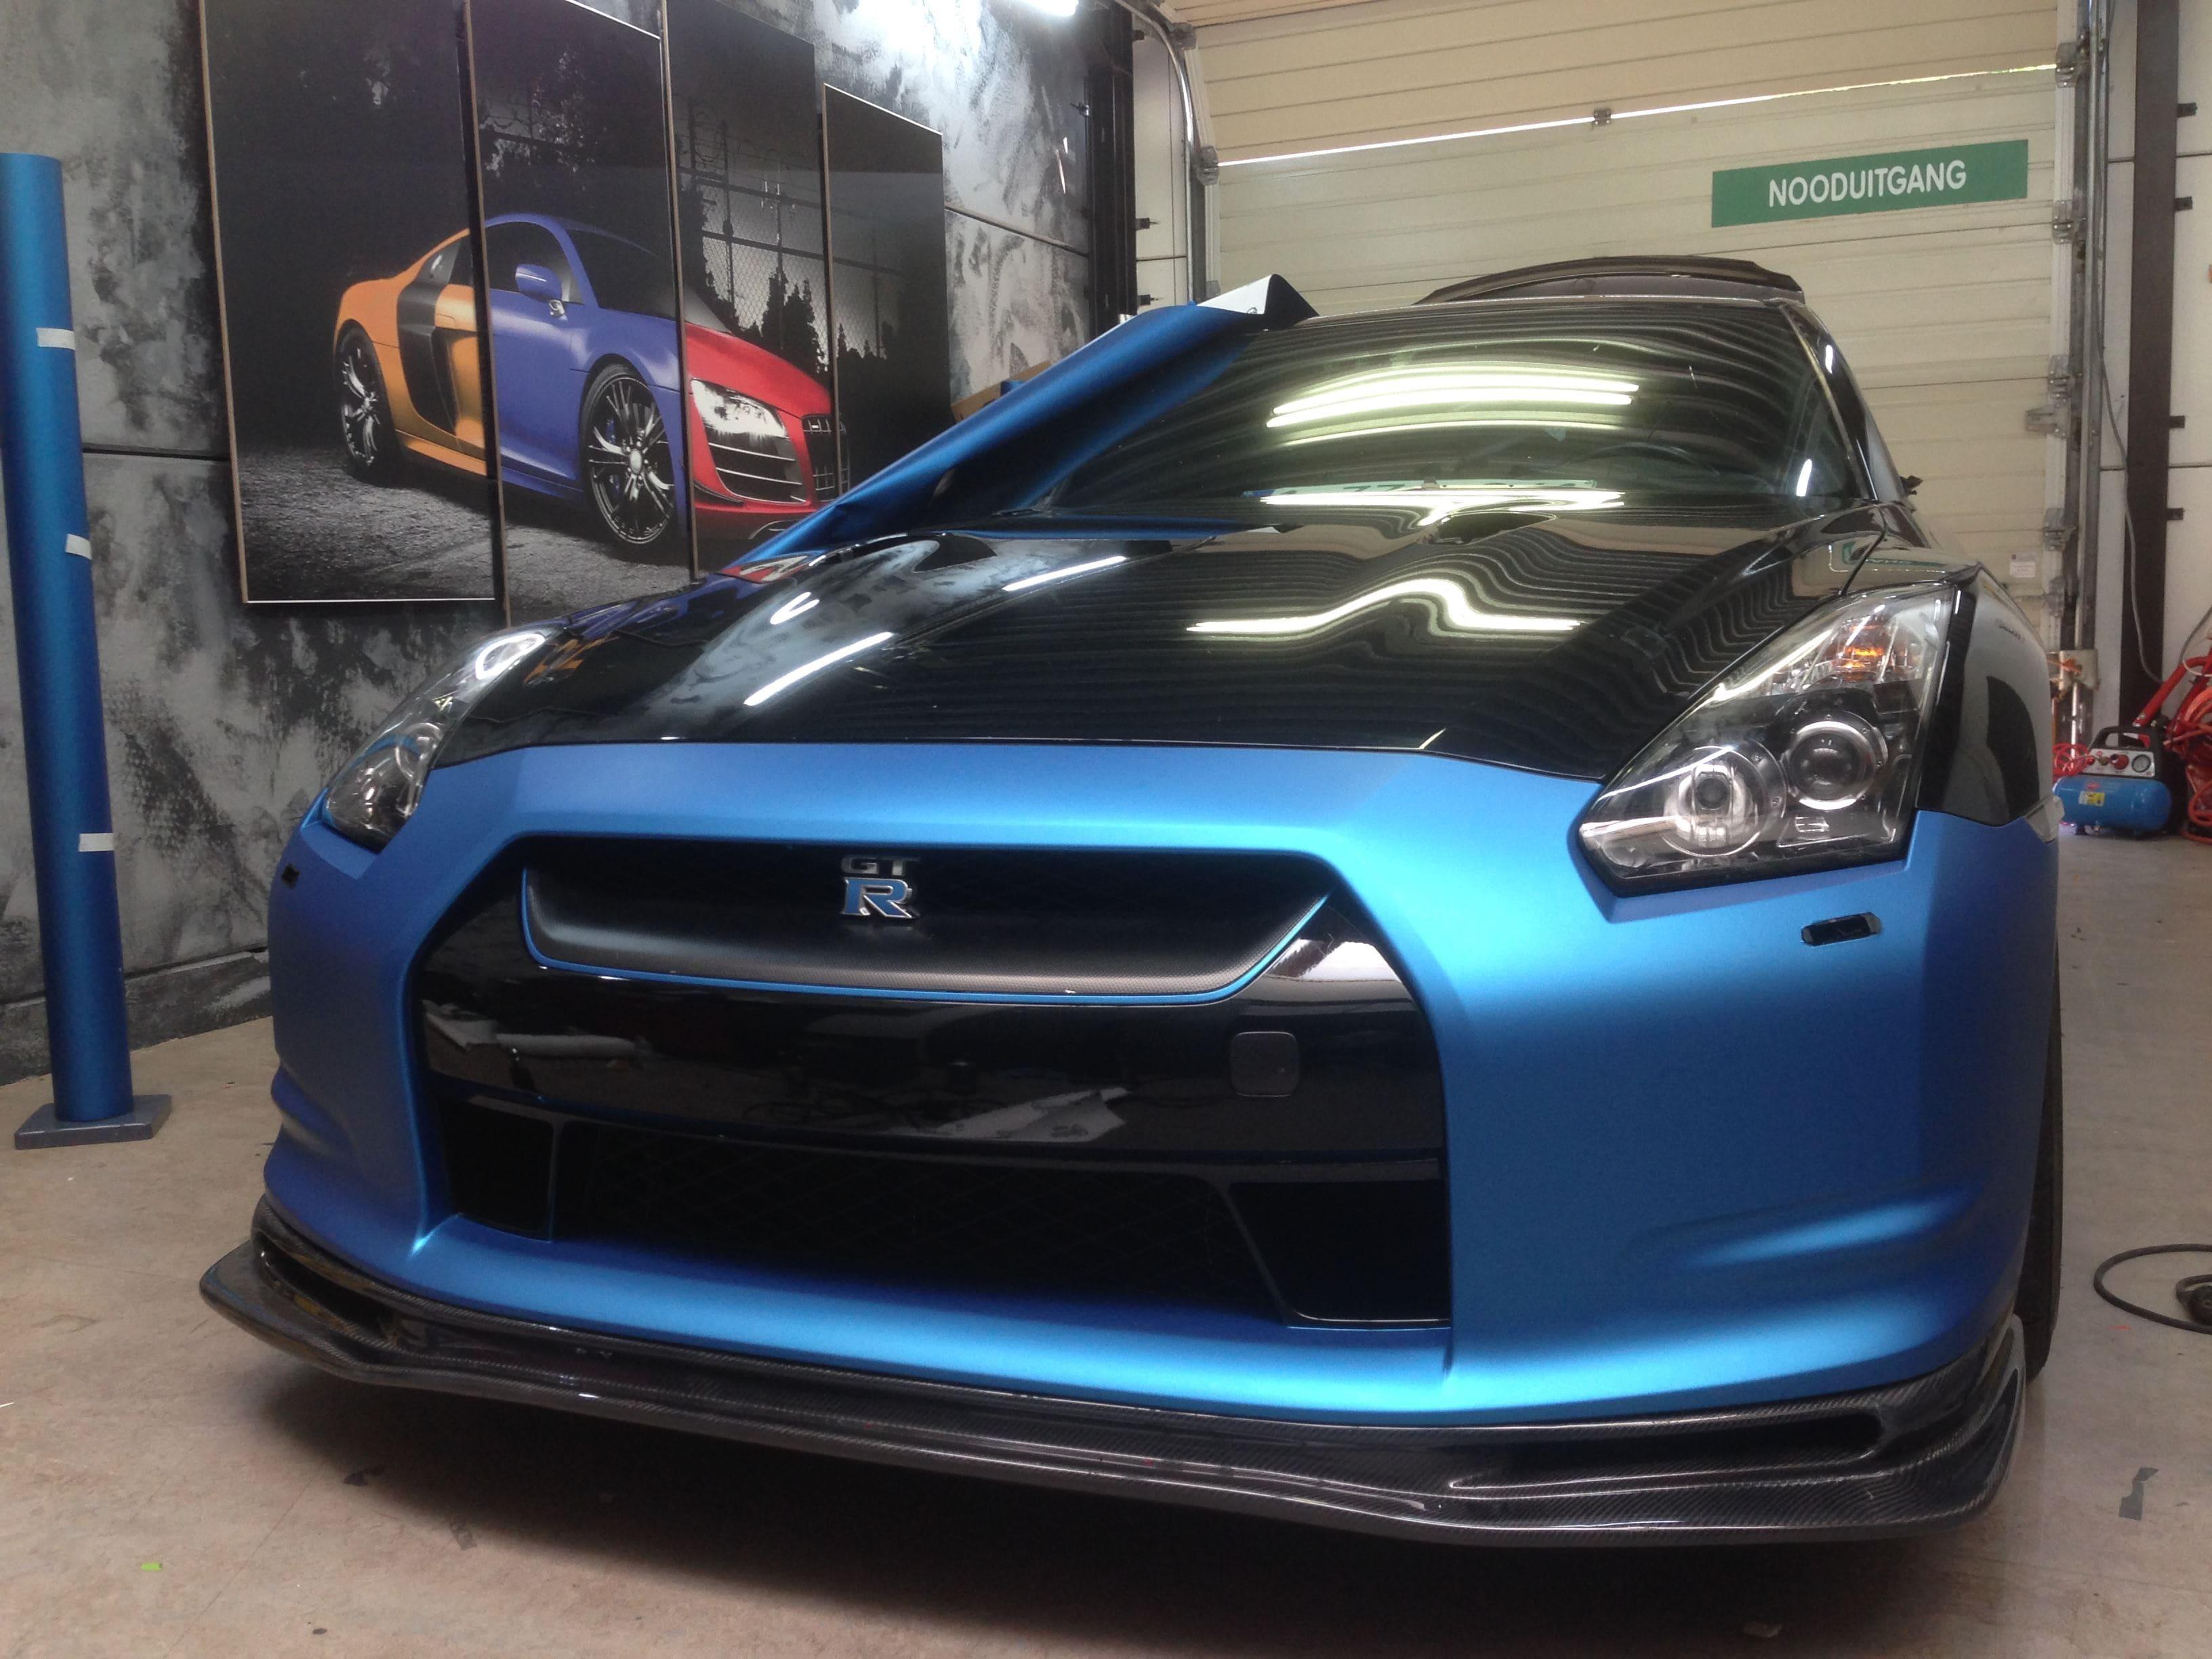 Nissan GT-R in Mat Blauwe Wrap, Carwrapping door Wrapmyride.nu Foto-nr:6514, ©2020